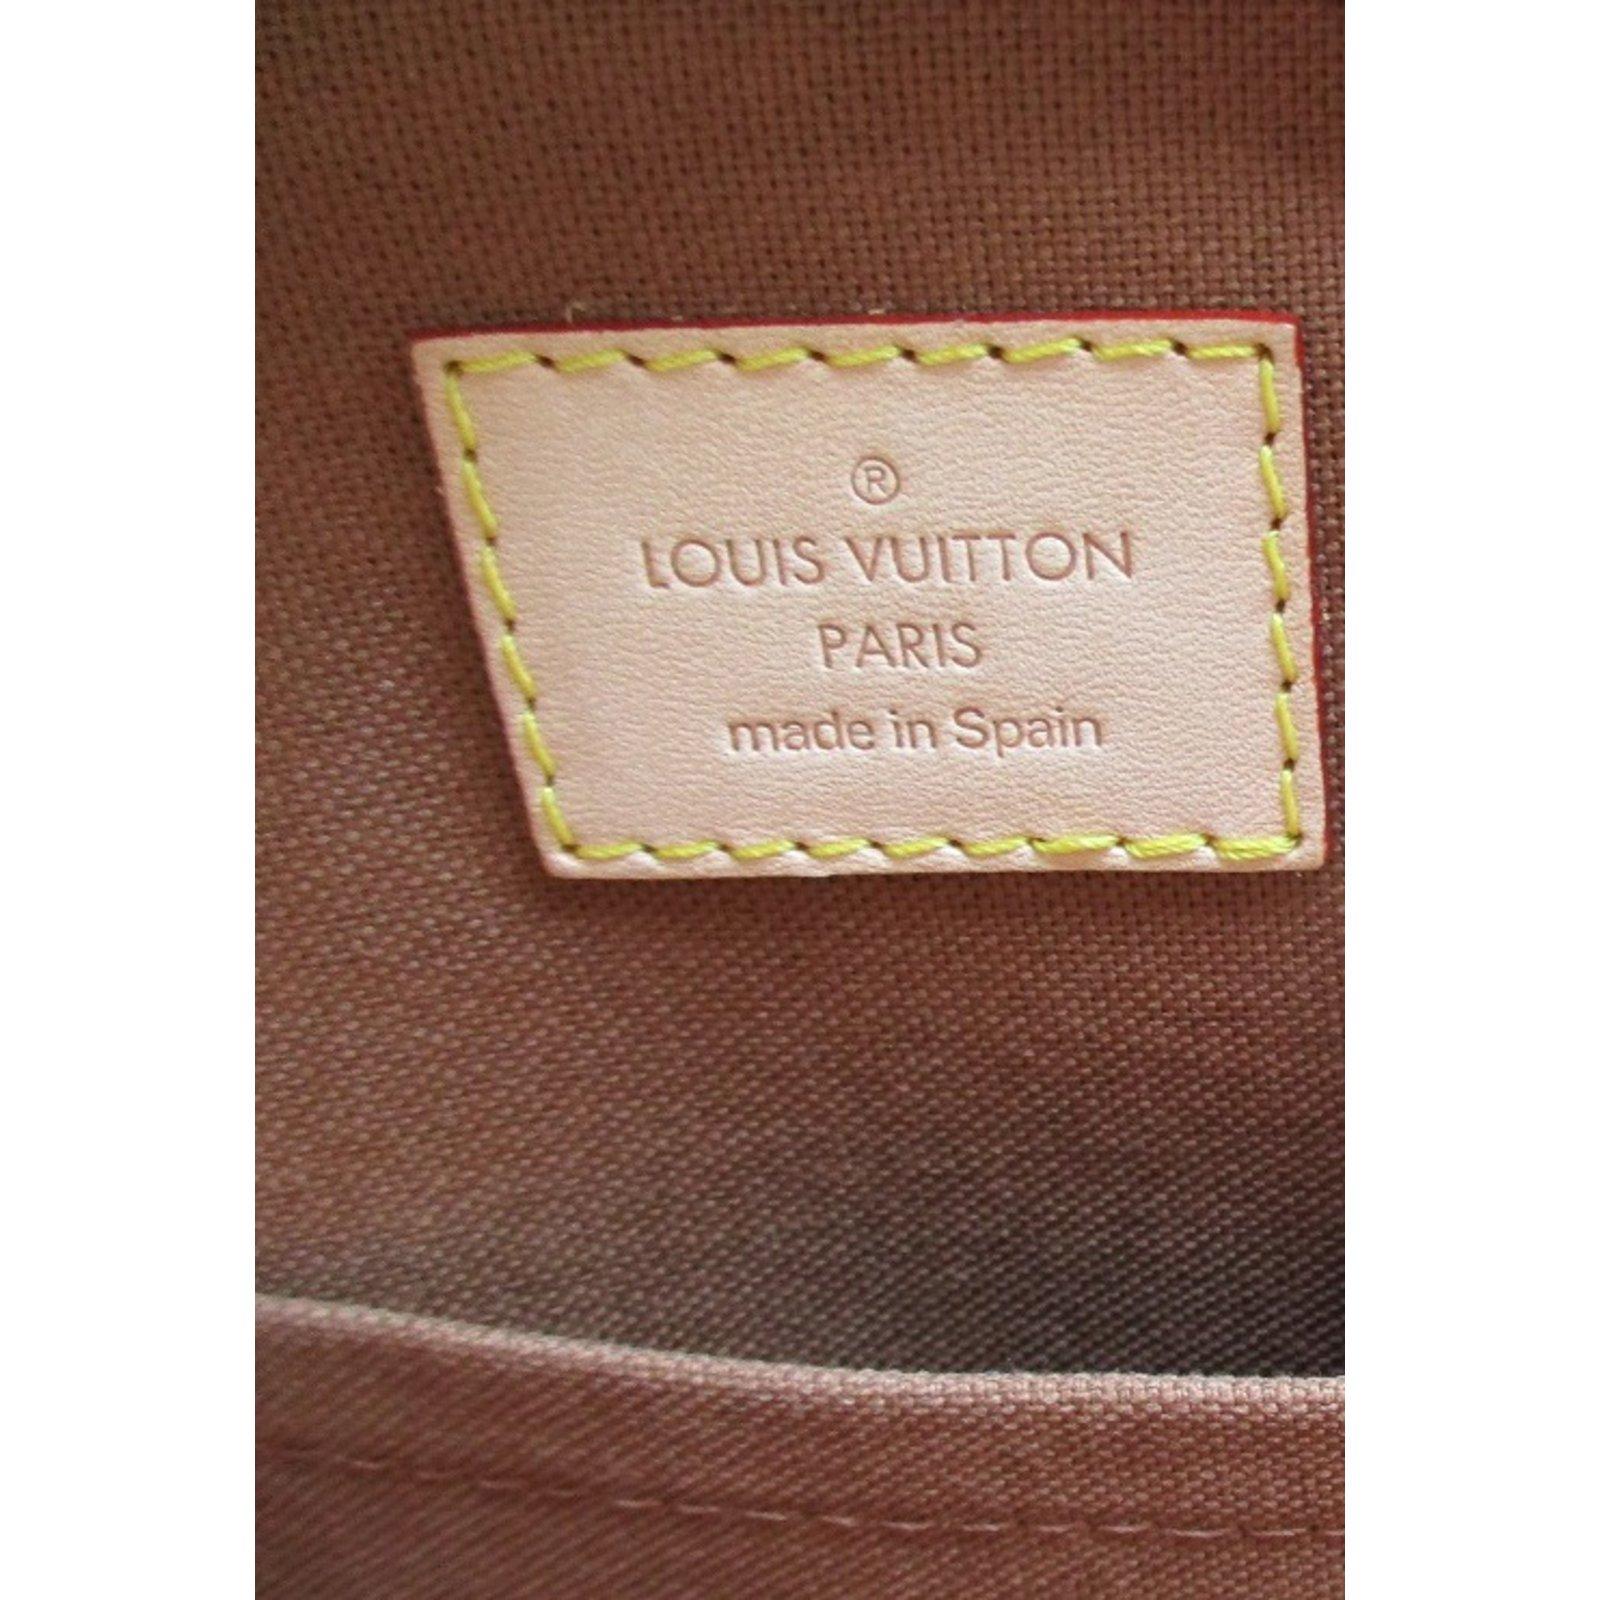 Sacs à main Louis Vuitton Sac, porte document, cartable, sac de voyage,  laptop case, Louis Vuitton Cuir,Toile Marron ref.98686 - Joli Closet 8160ab73d11